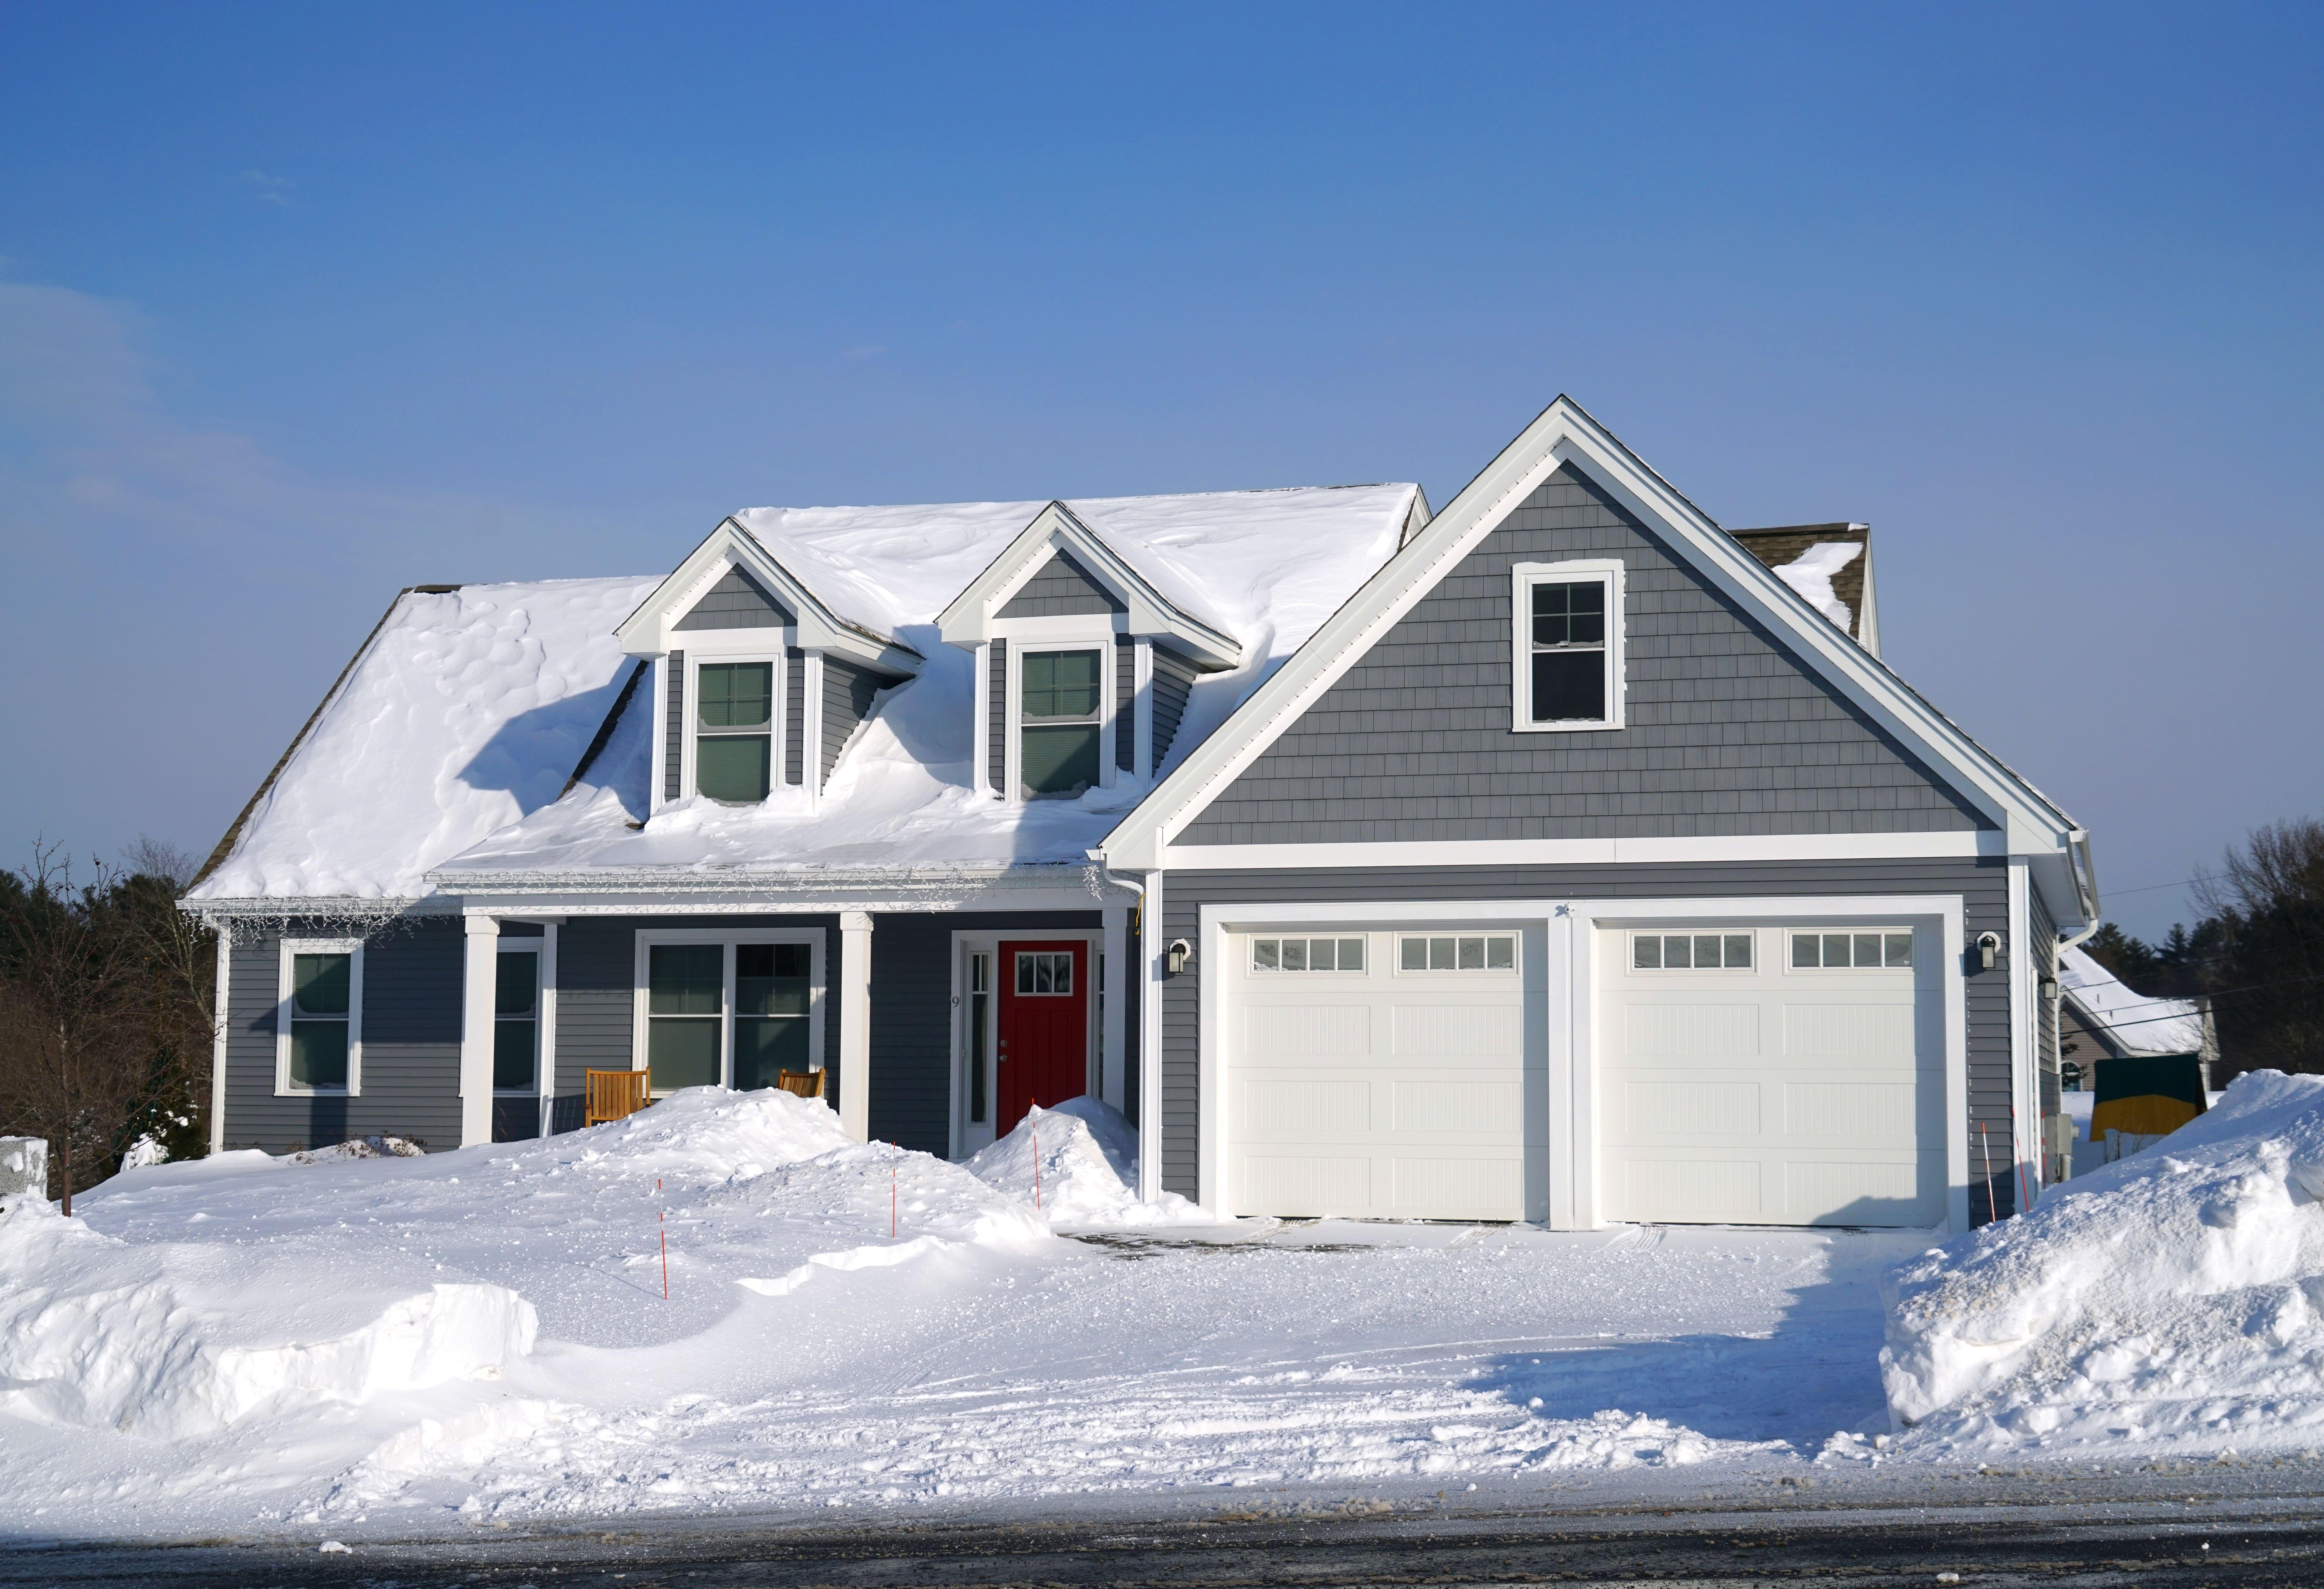 Homeowner & landowner liability insurance